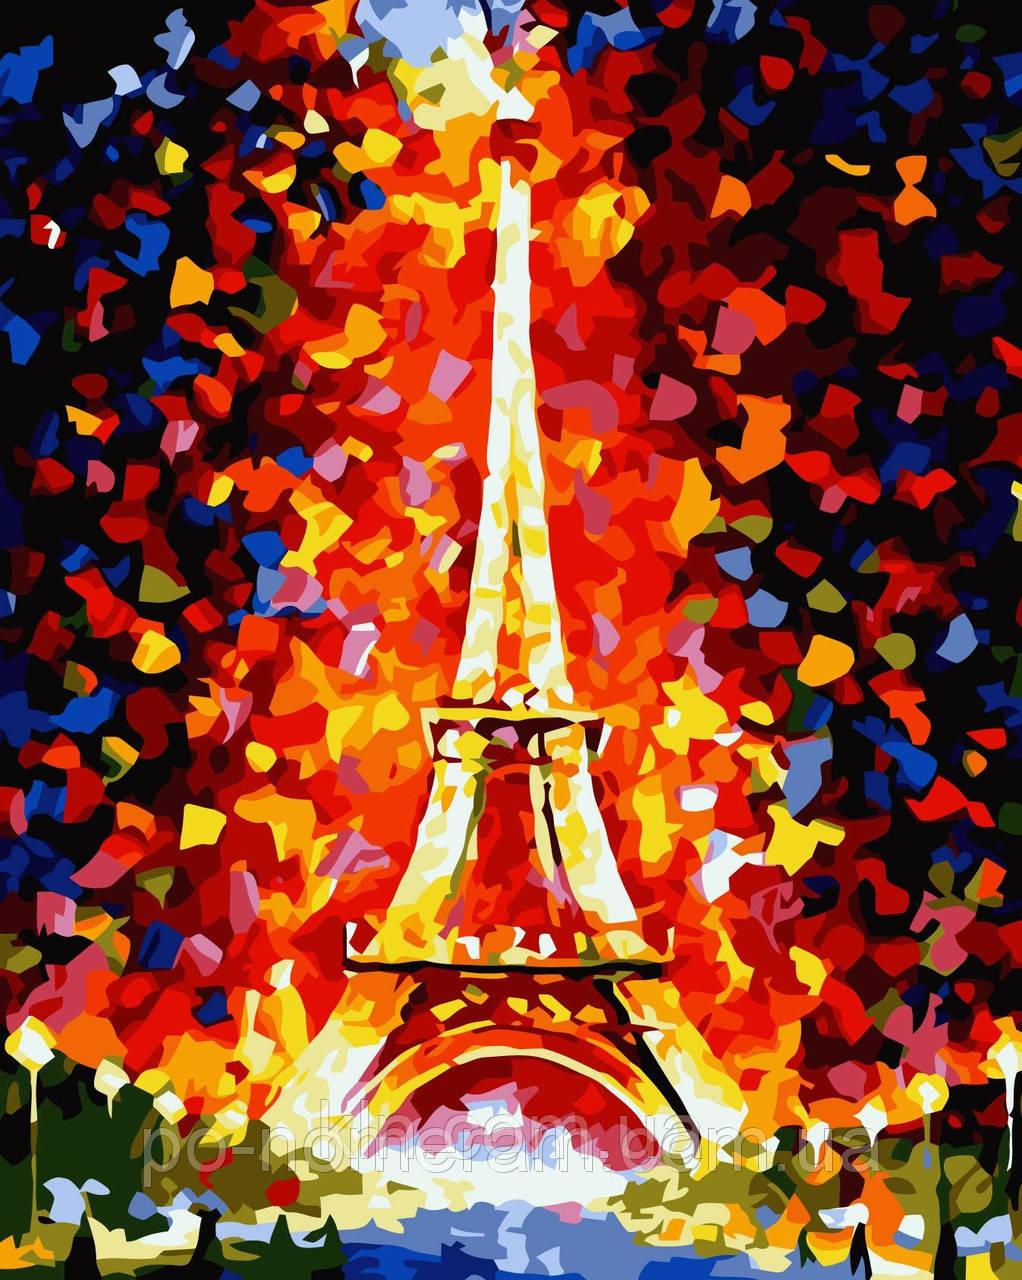 Картина по номерам Идейка КН076 Эйфелева башня в огнях 40 х 50 см 950 город